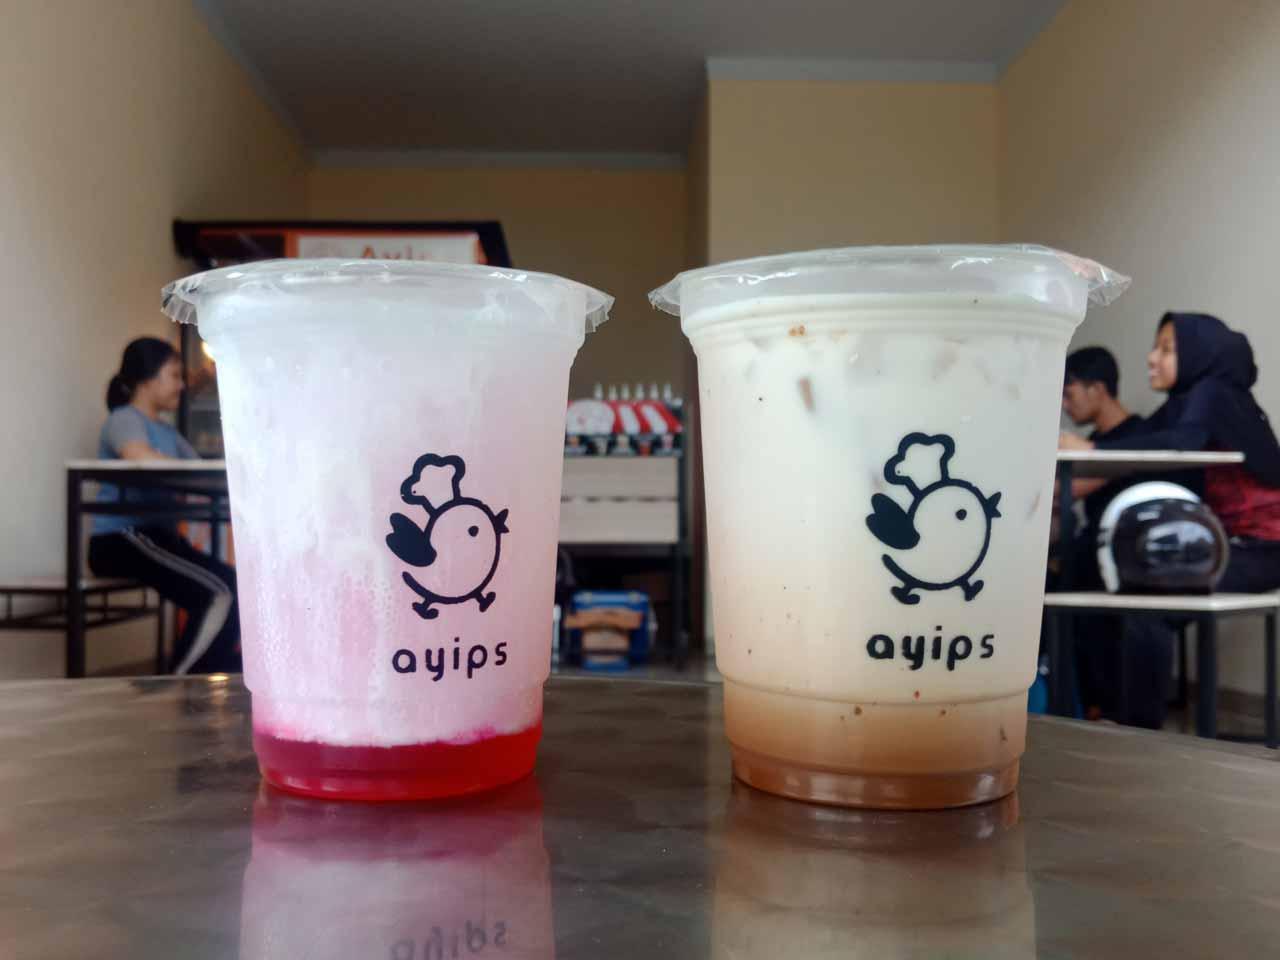 minuman ayips - kelilinglampung - yopiefranz